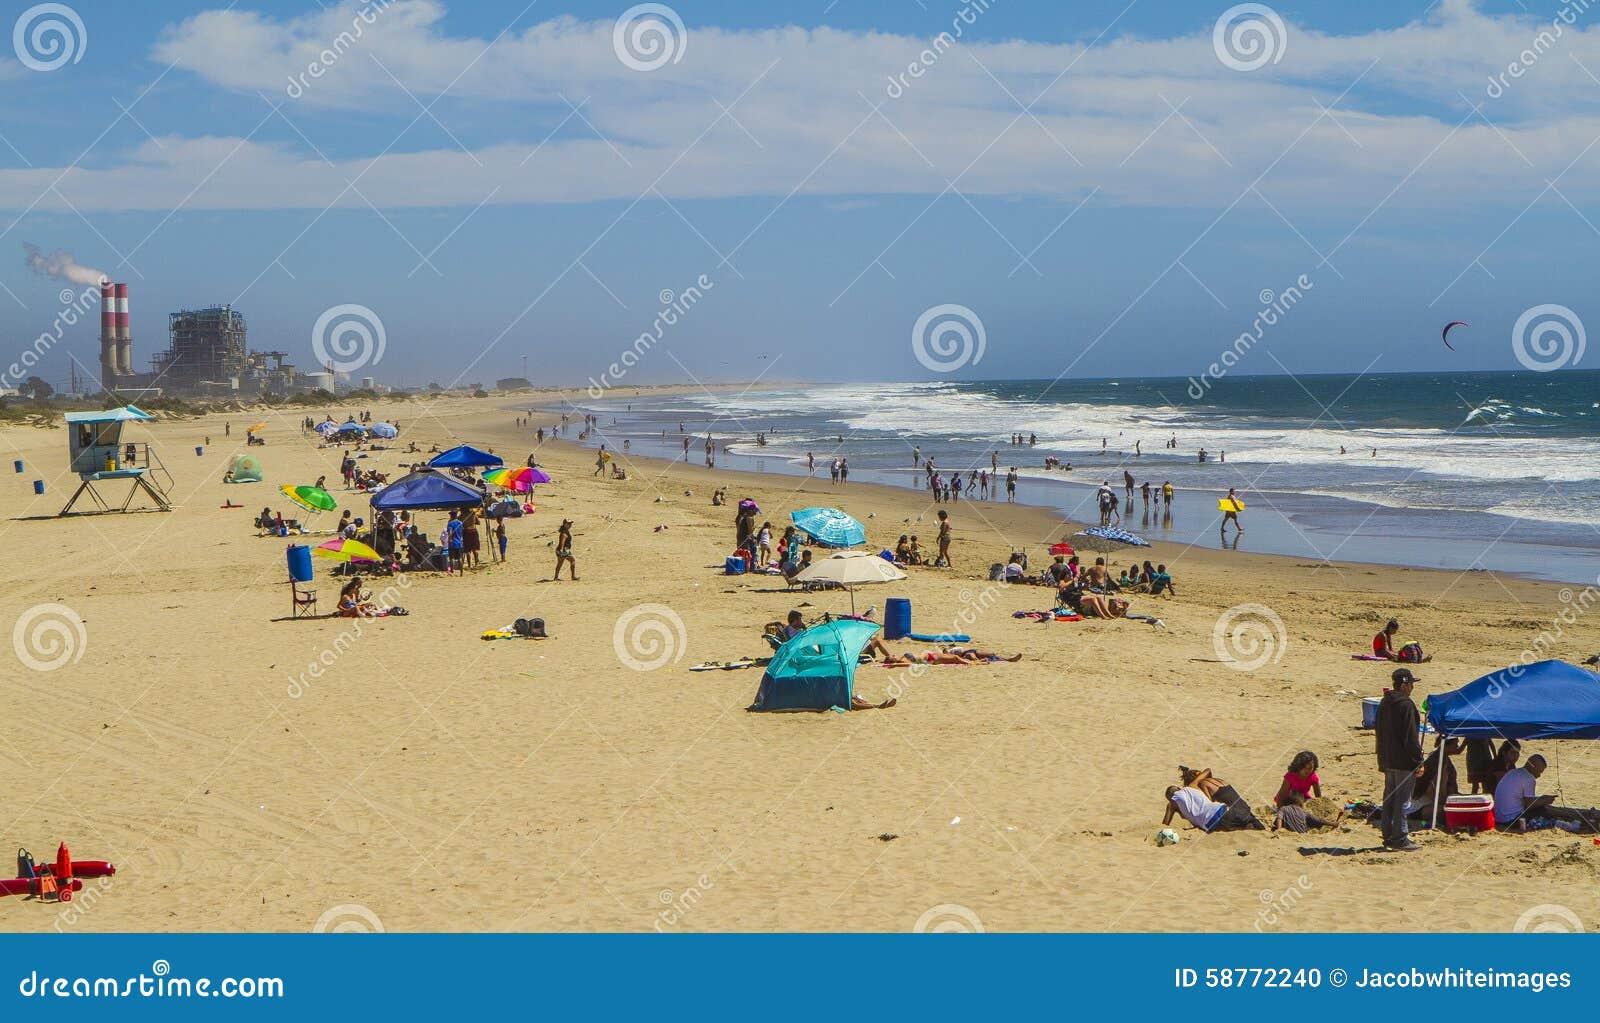 Port Hueneme beach